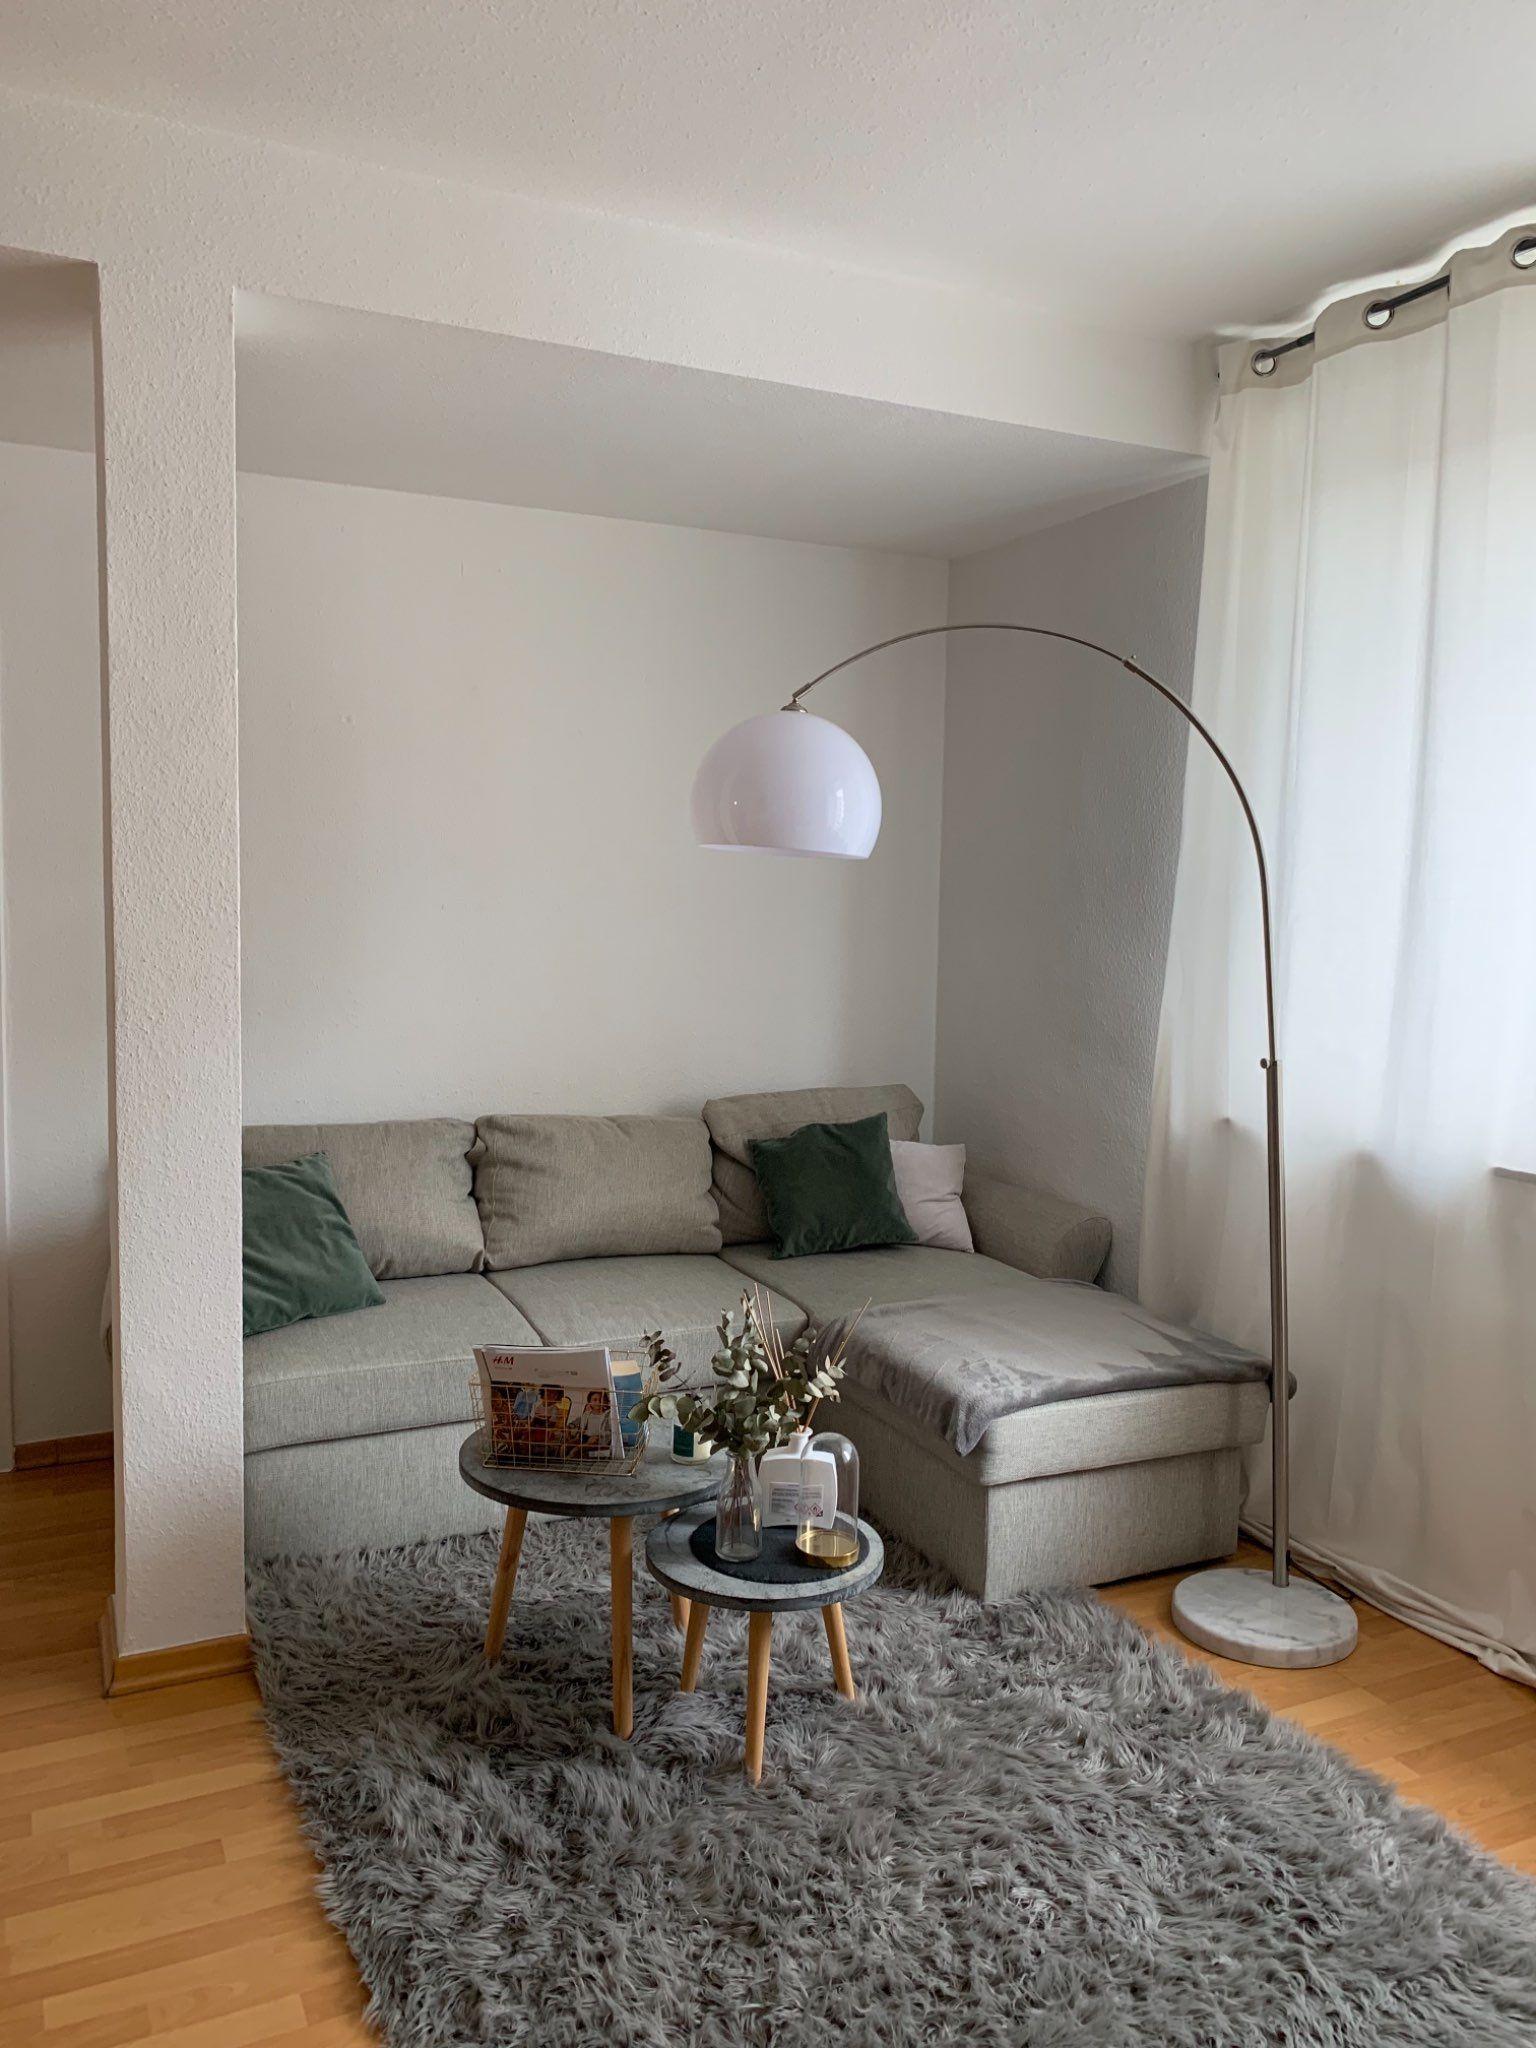 Kuschelecke Haus Wohnzimmer Wohnen Und Leben Haus